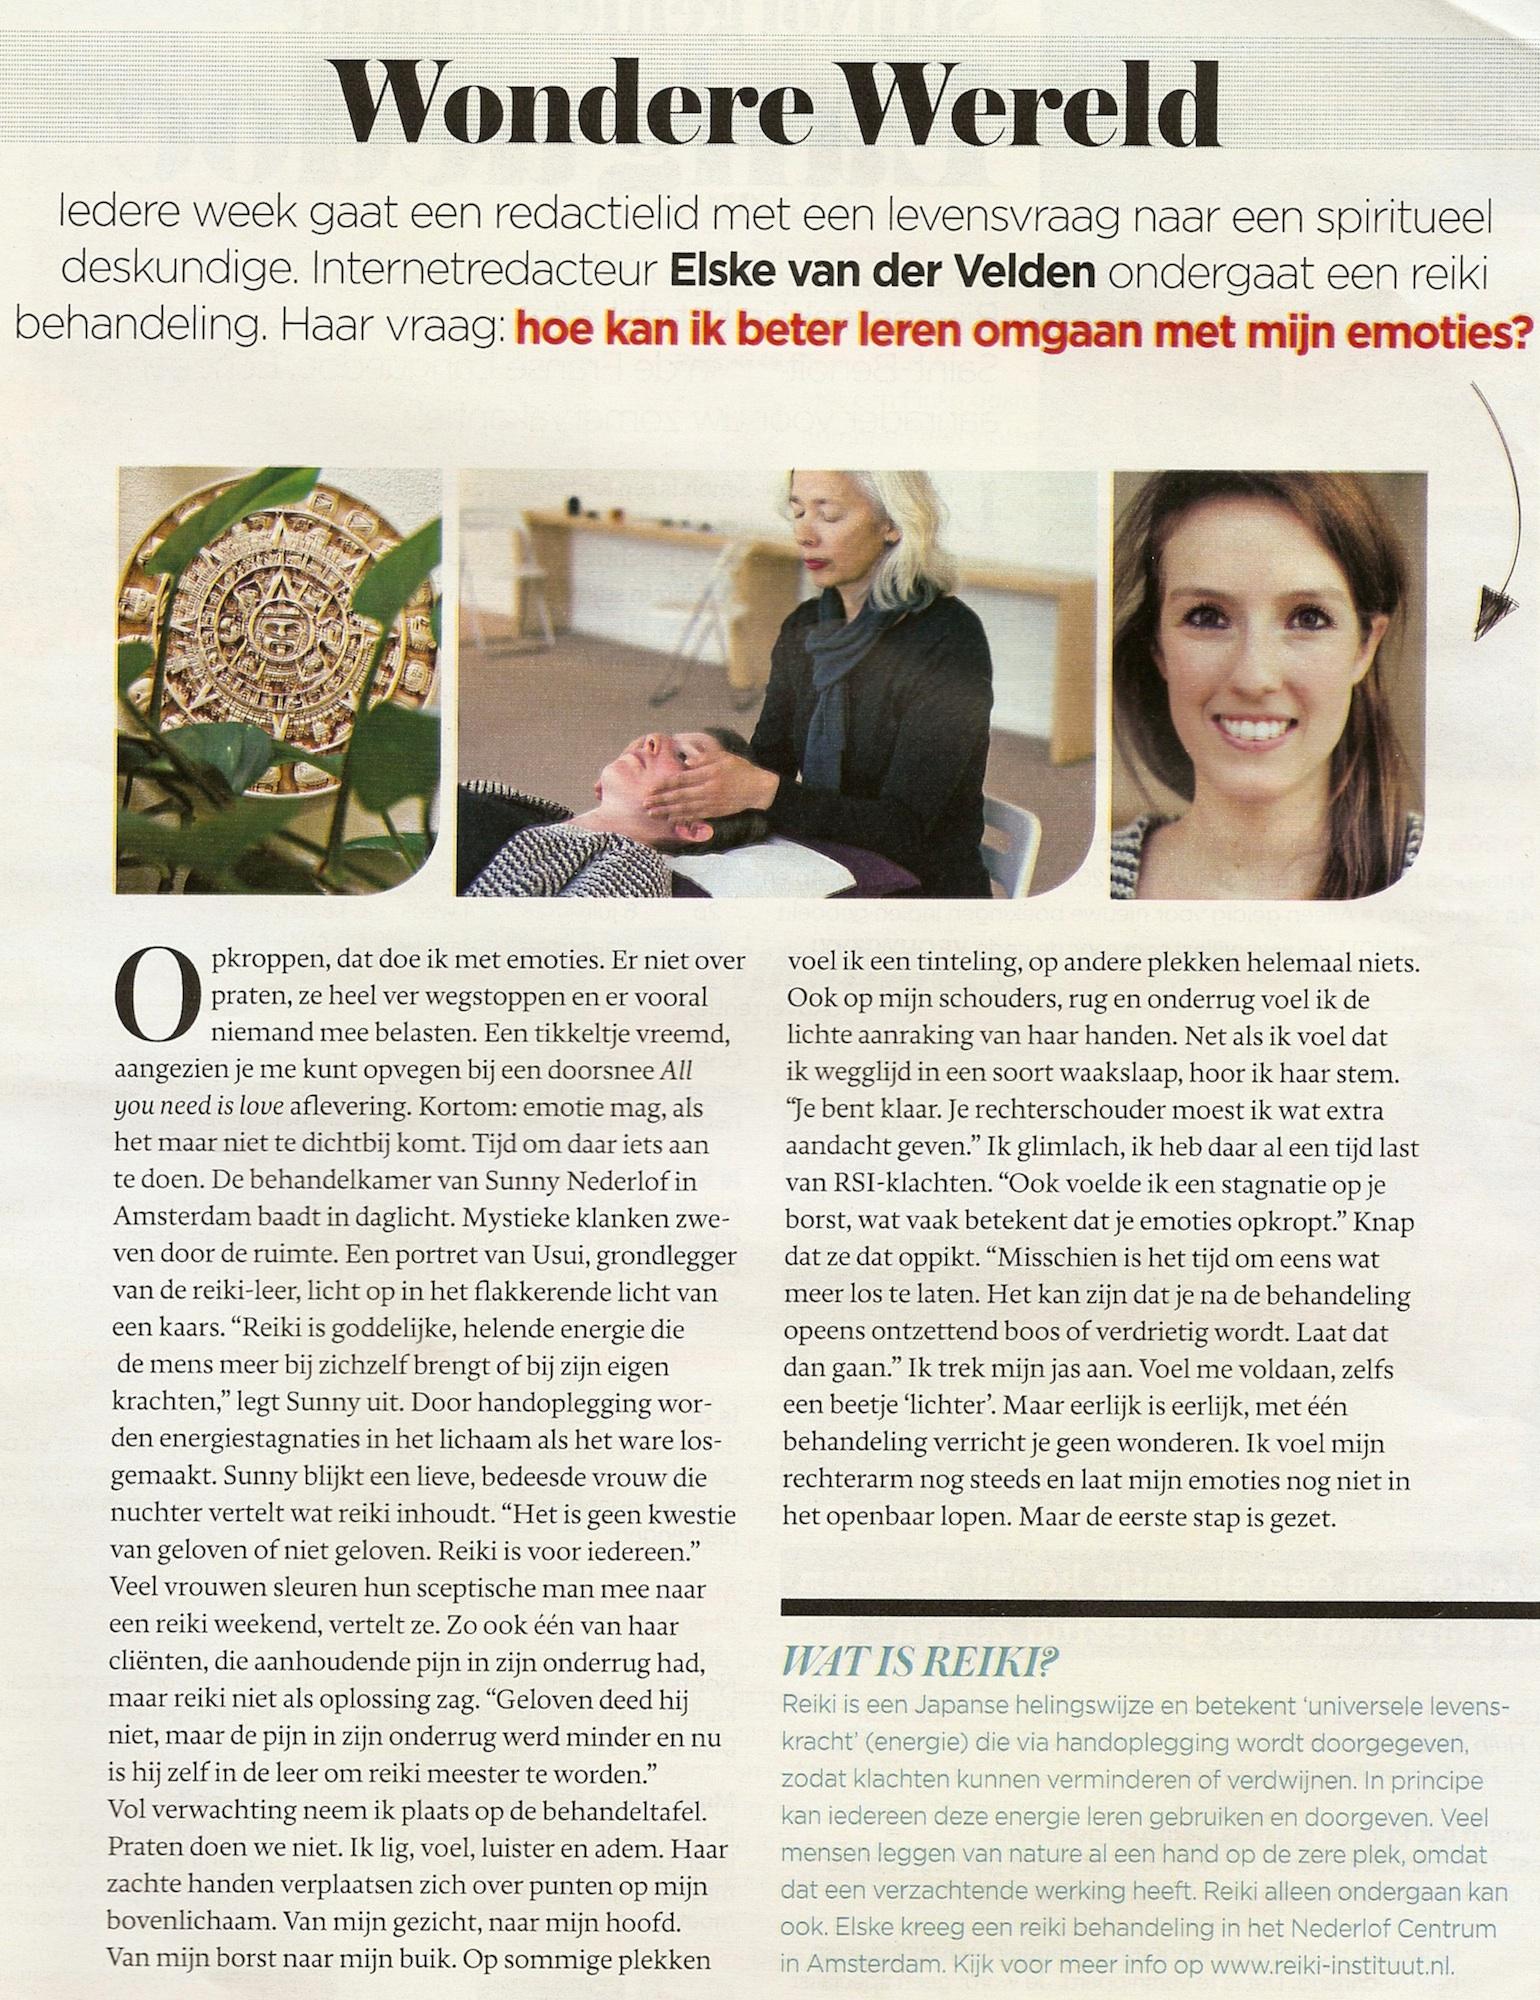 Reiki Handboek Telegraaf